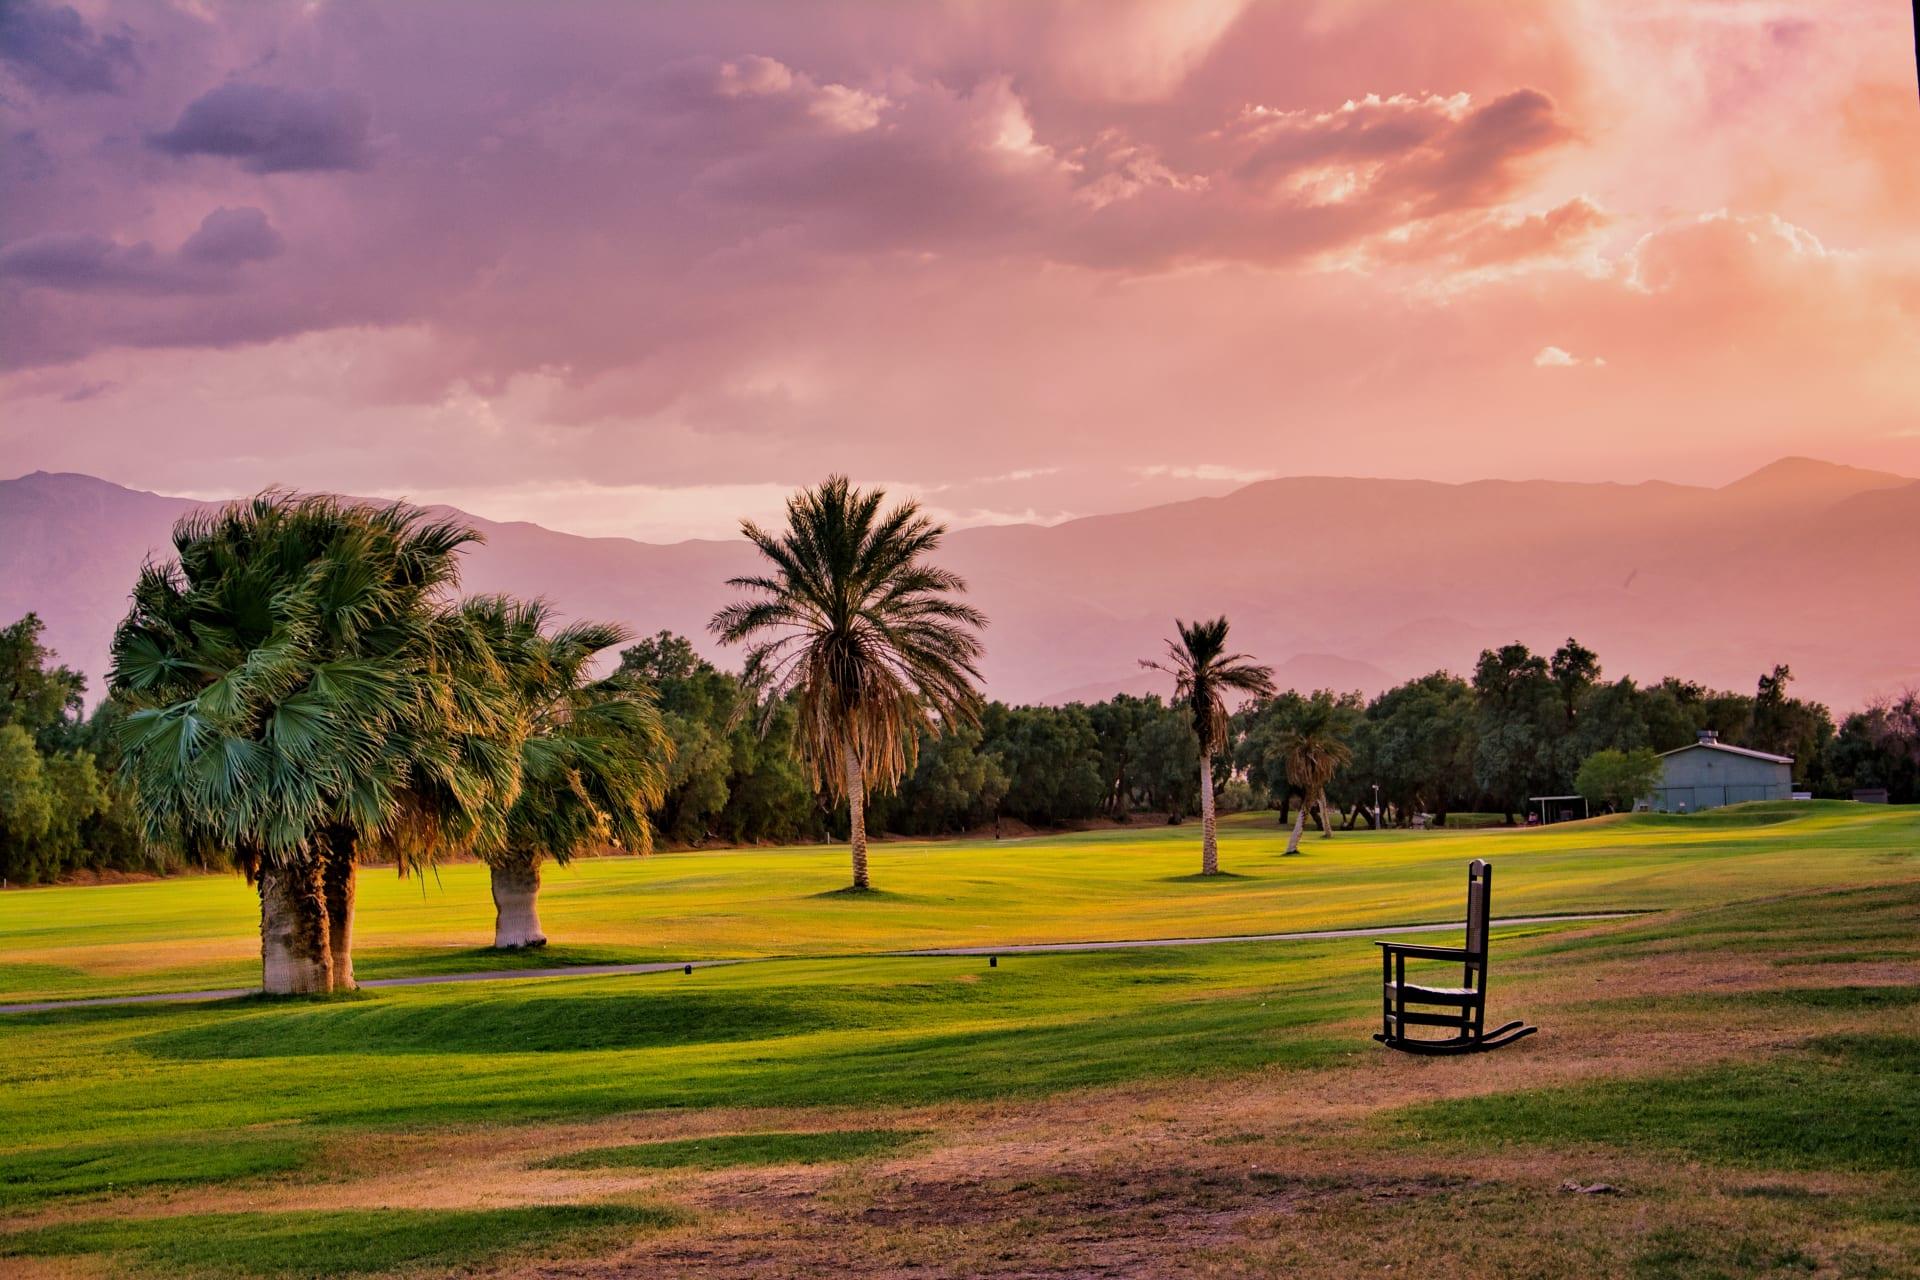 حير الكثيرون.. كيف يختلف لعب الغولف في وادي الموت بأمريكا؟